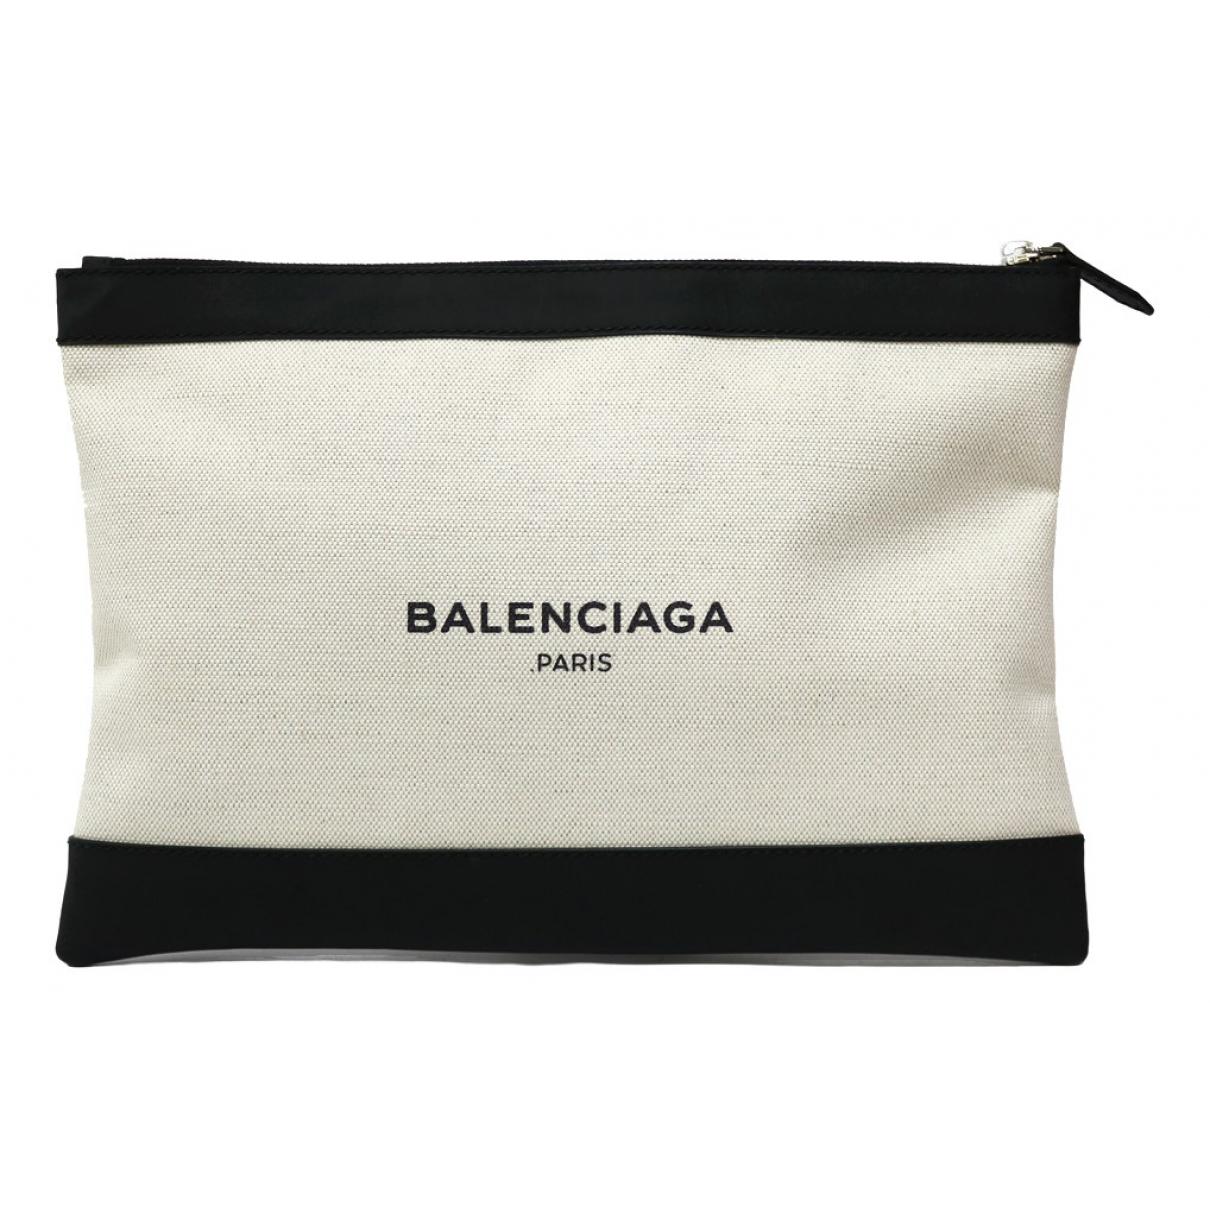 Balenciaga - Pochette   pour femme en toile - beige